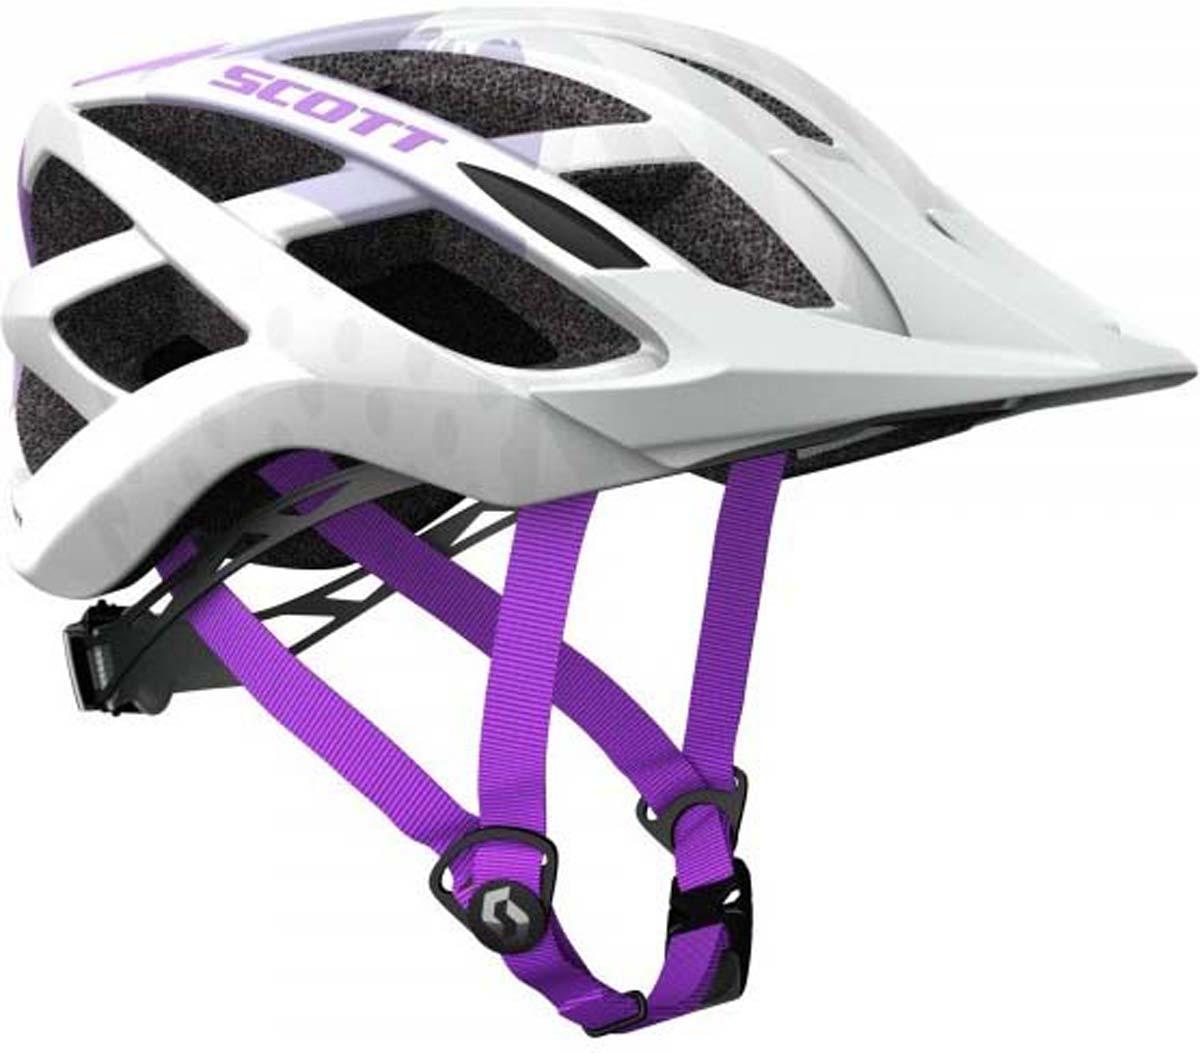 Шлем защитный Scott Spunto, цвет: белый, фиолетовый. Размер 50-56218641-2320SCOTT Spunto - это детский велосипедный шлем со всеми особенностями взрослого.Легко регулируемая система крепления RAS гарантирует, что шлем остается правильно расположенным на голове вашего ребенка, обеспечивая требуемую безопасность.Съемный козырек и улучшенная защита затылка делают - идеальный выбор для вашего ребенка.